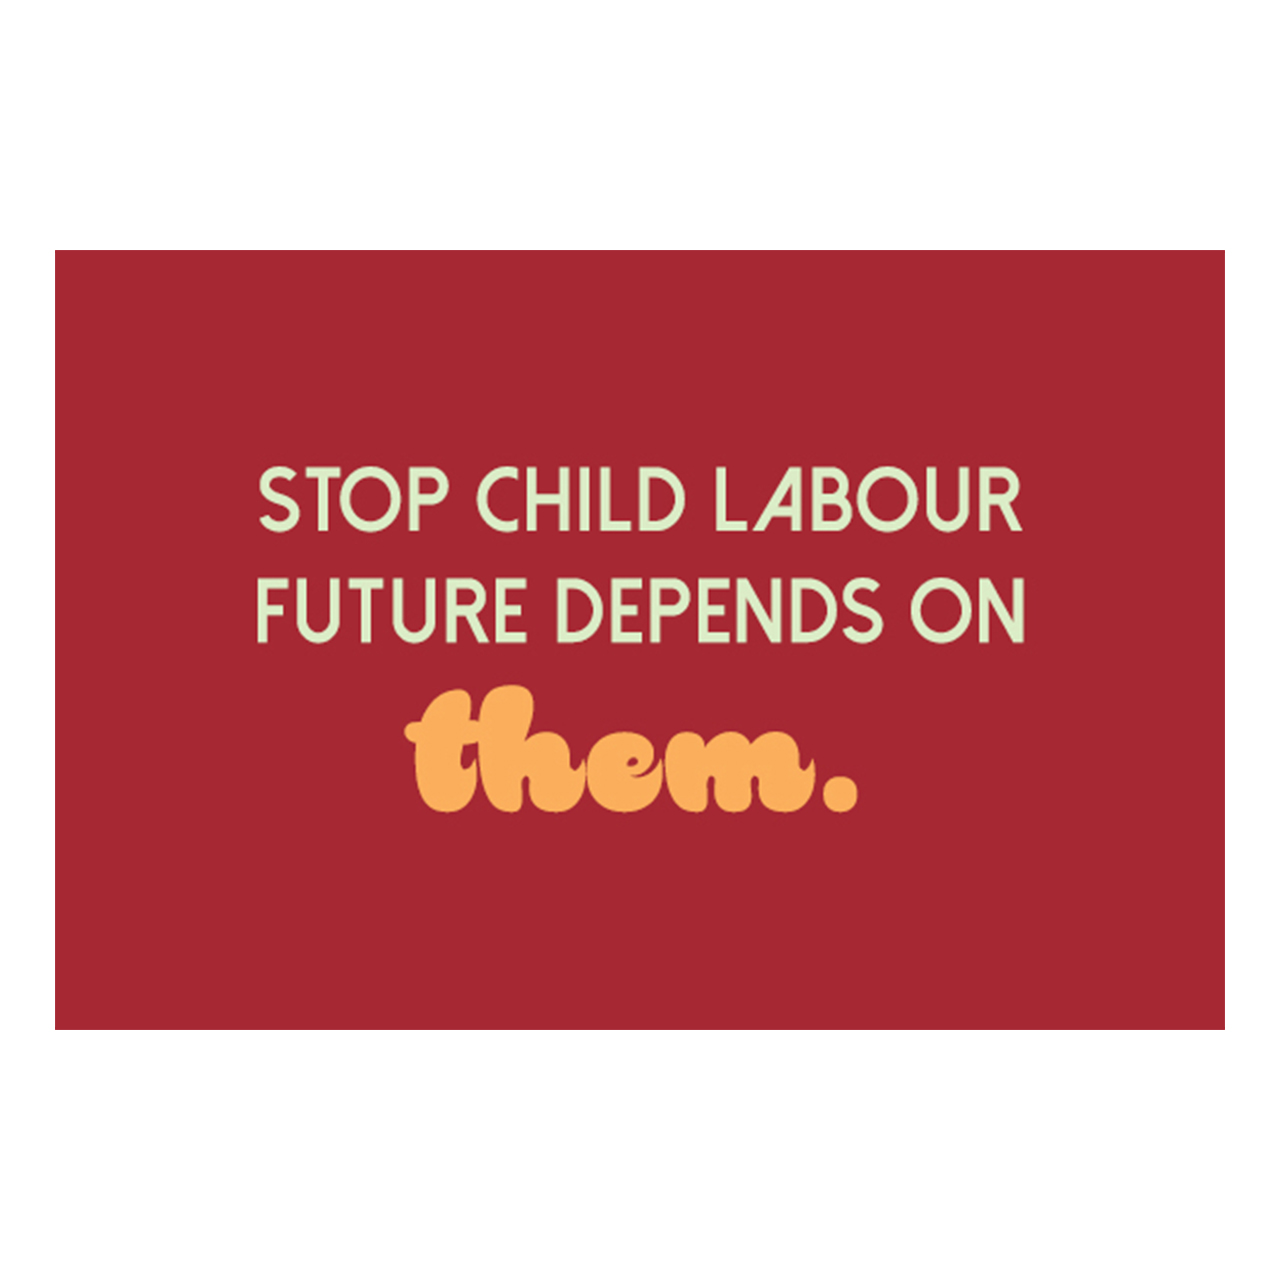 کارت پستال ماهتاب طرح روز مبارزه با کار کودکان کد 2425